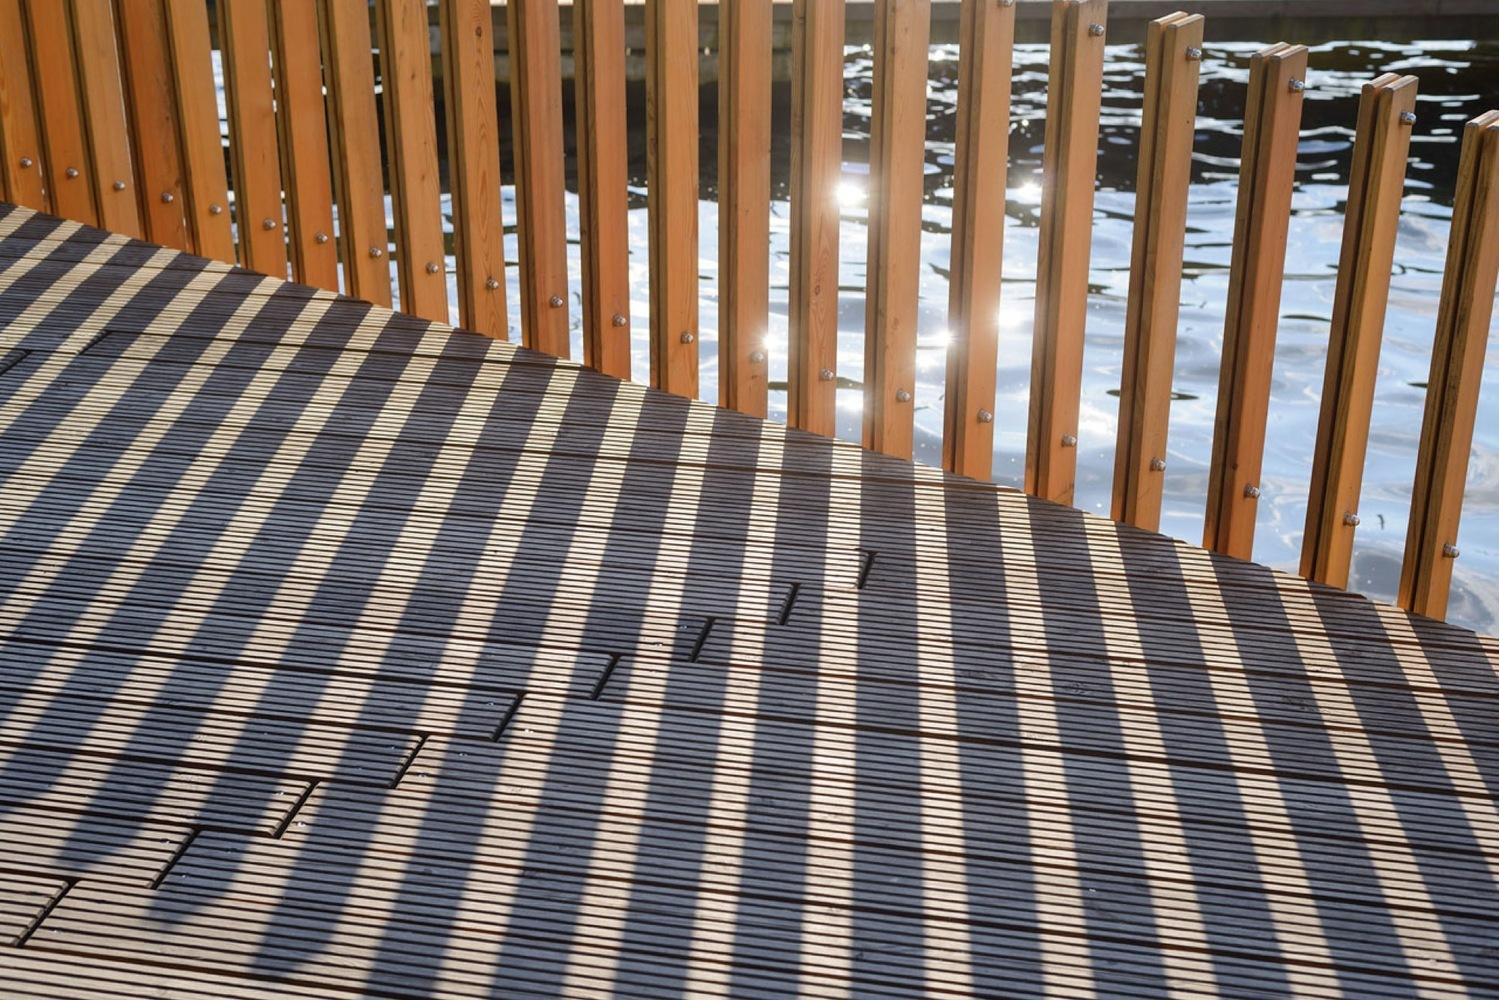 Deck de madera en espacios públicos: Suelos nobles para el encuentro colectivo,Paprocany Lake Shore Redevelopment / RS + Robert Skitek. Image © Tomasz Zakrzewski